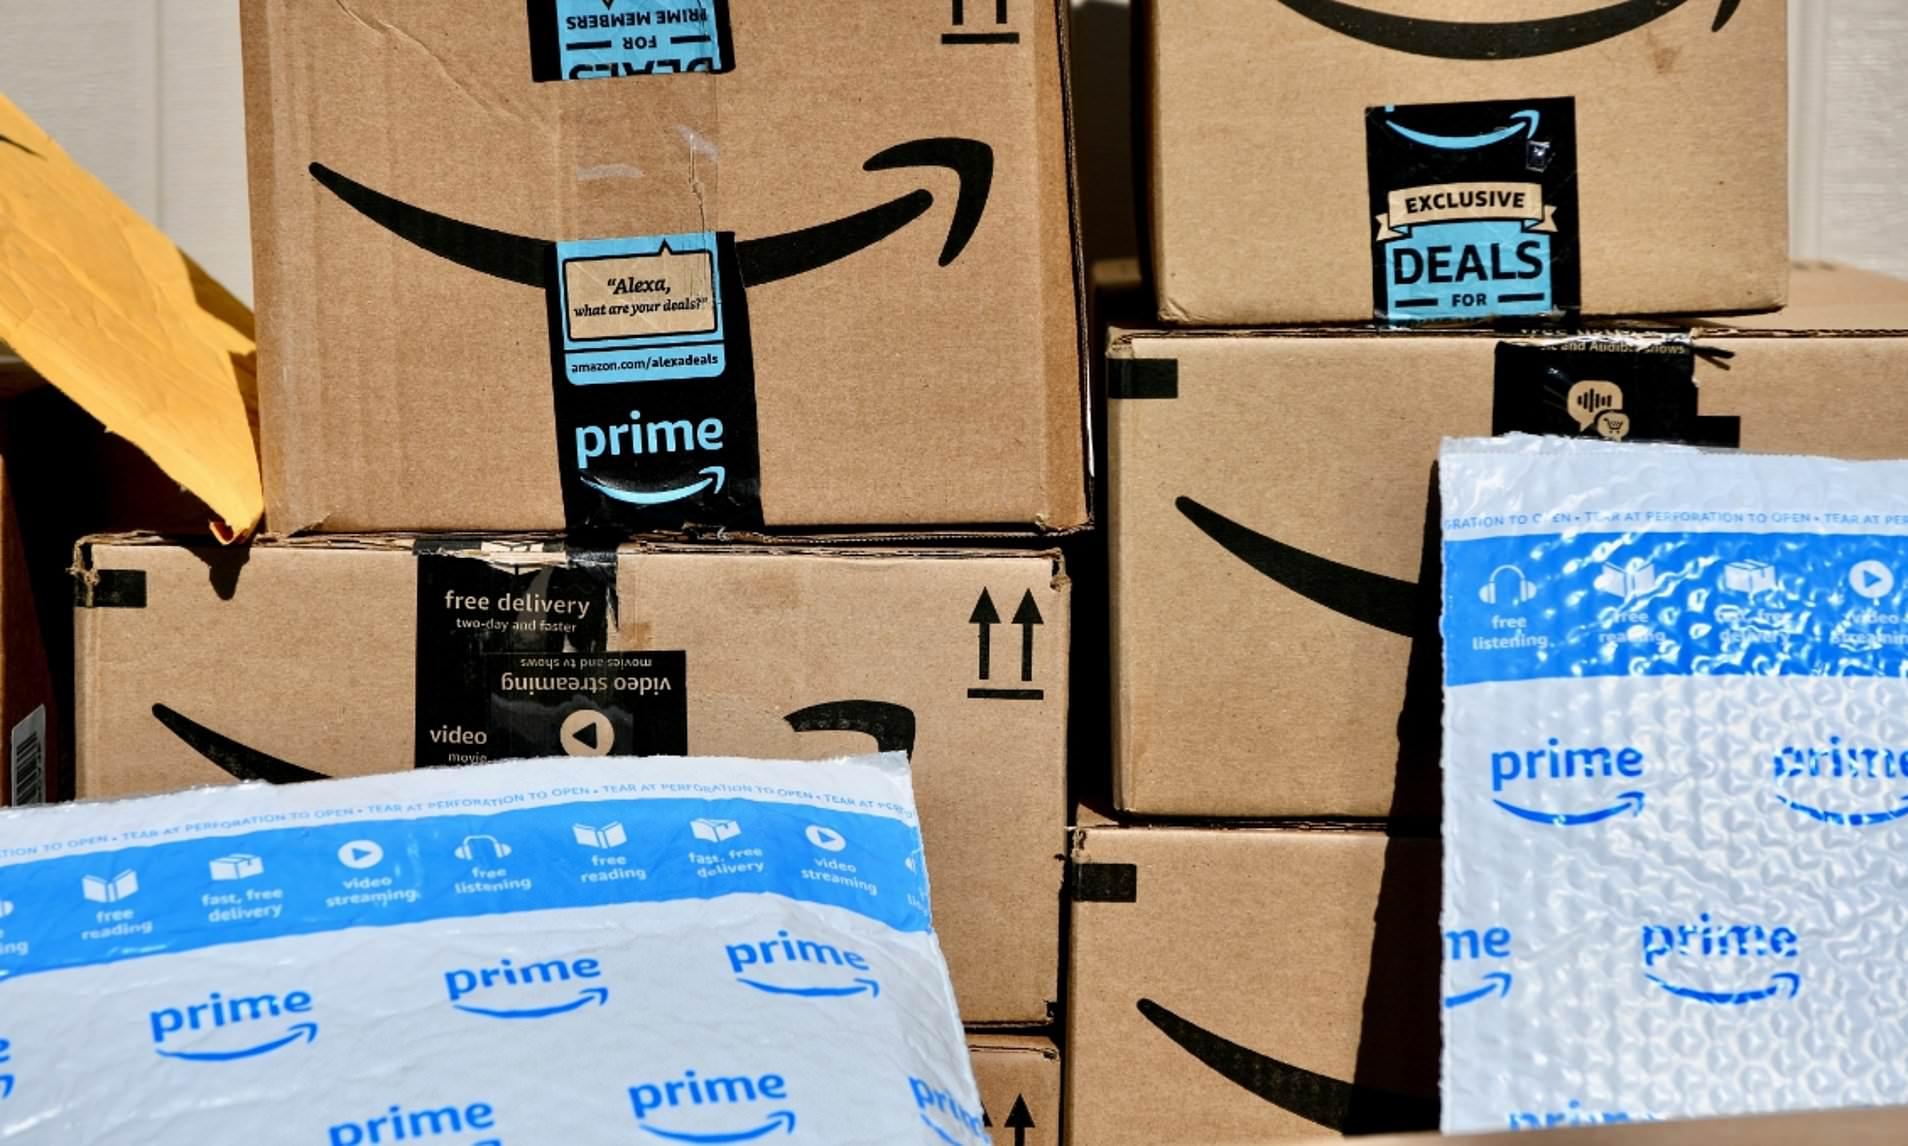 Amazon Geri Dönüştürülemeyen Yeni Ambalajları Nedeniyle Çevrecilerden Tepki Topladı